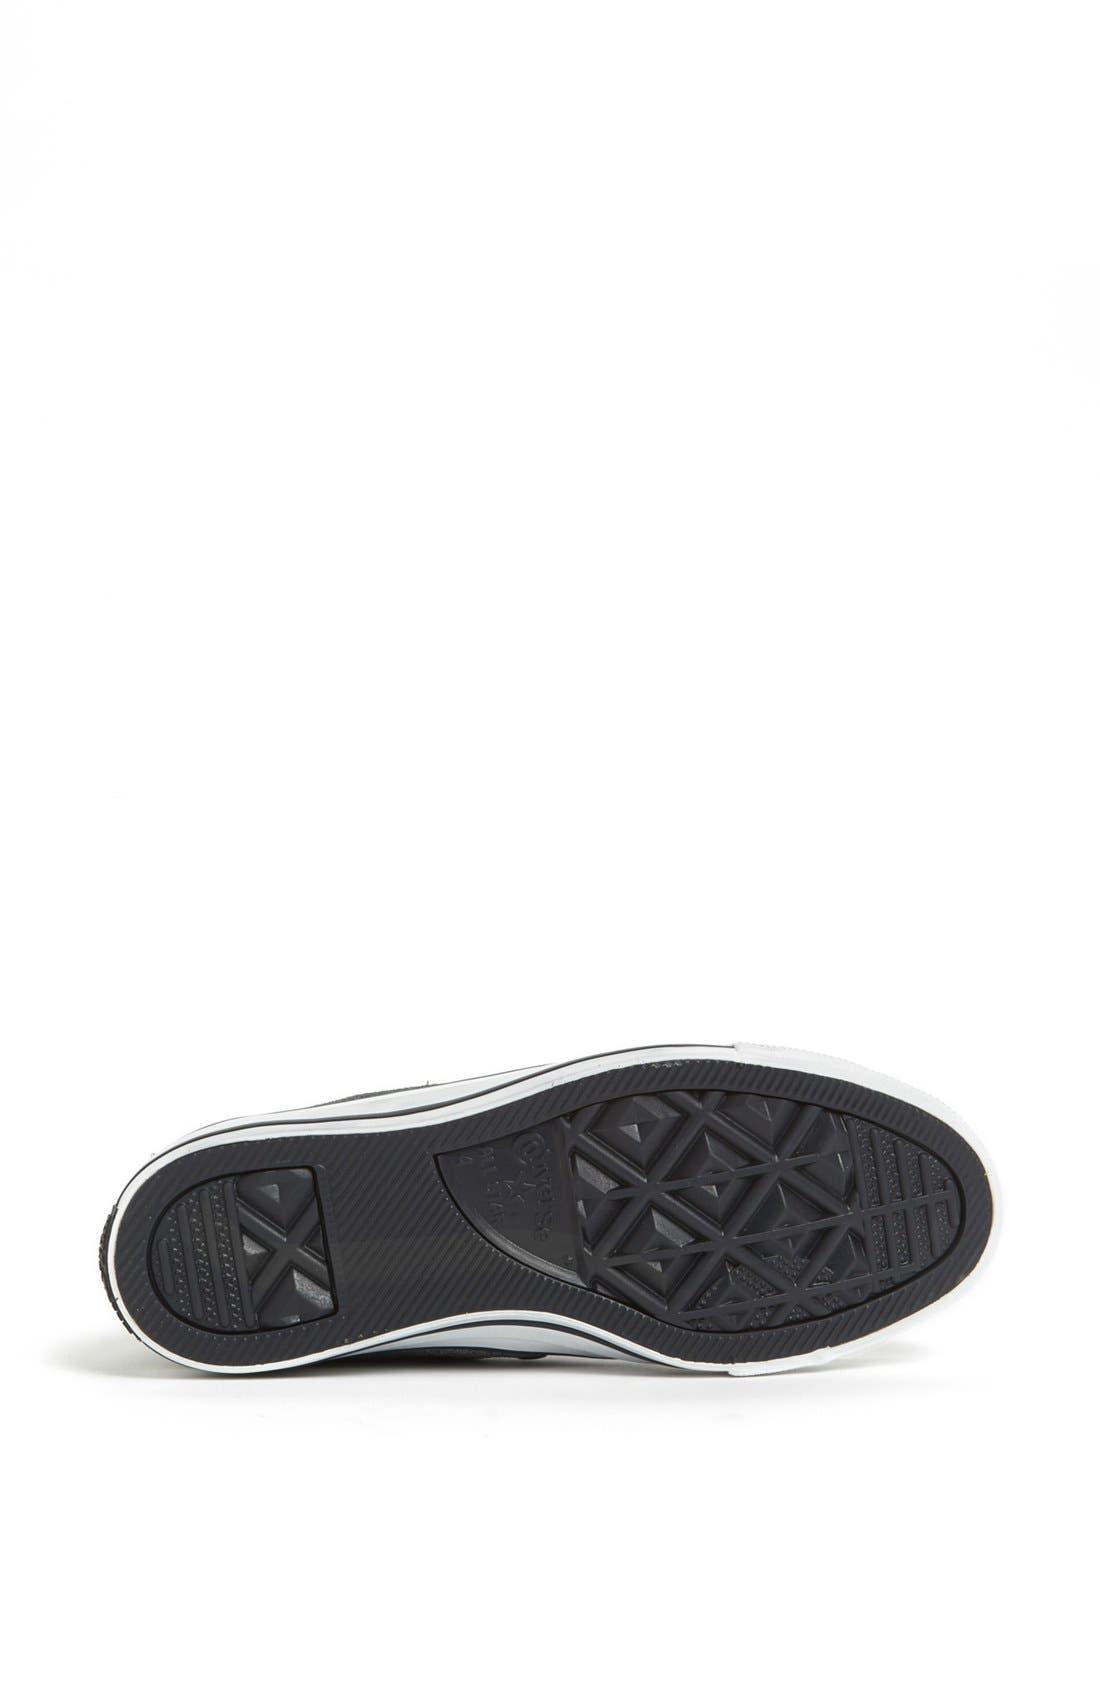 Alternate Image 4  - Converse Chuck Taylor® All Star® 'Collar Studs' High Top Sneaker (Women)